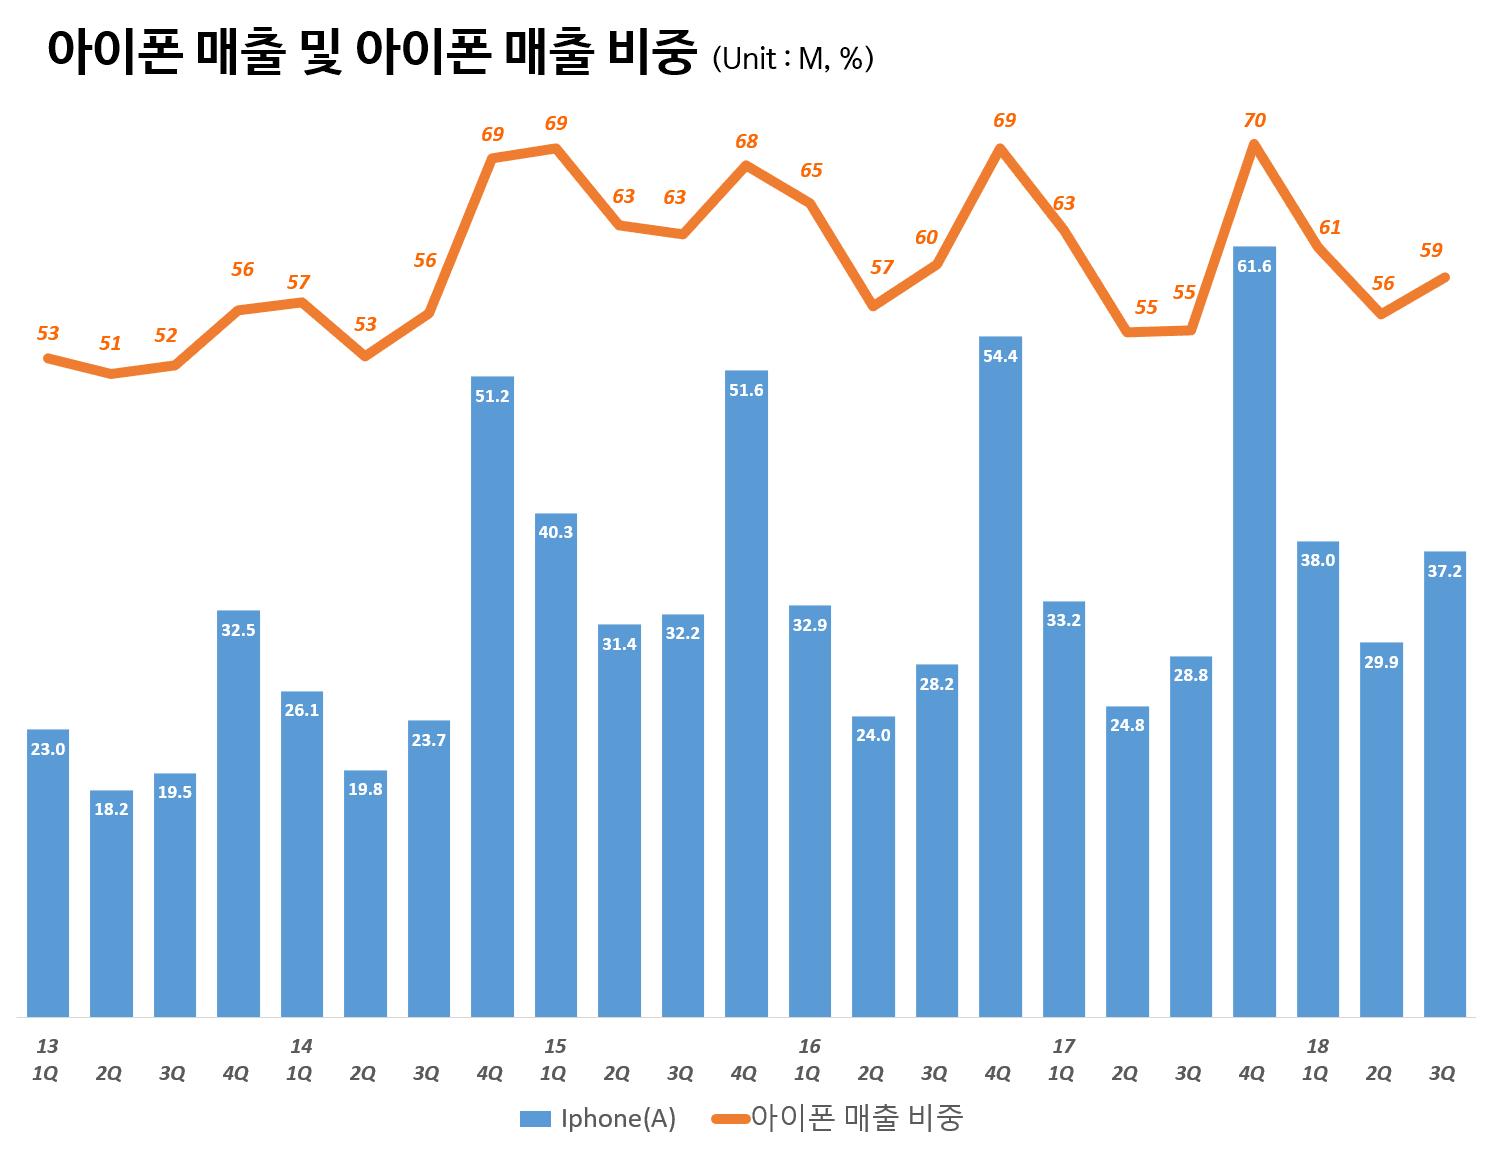 분기별 아이폰 매출 및 매출 비중(2013년 1분기~2018년 3분기) Quarterly iPhone sales and portion, Graph by Happist